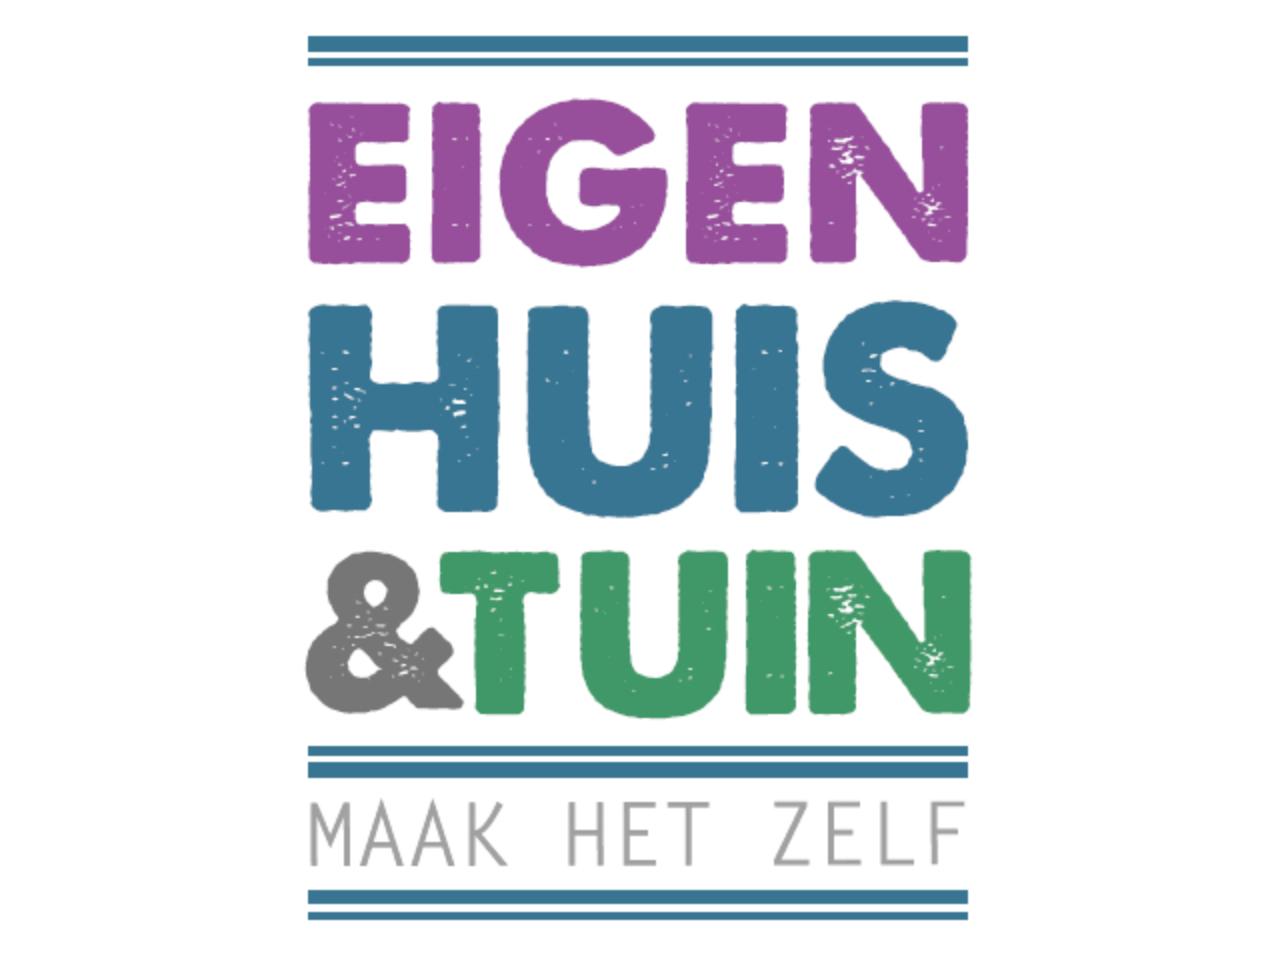 Bison eigen huis en tuin for Eigen huis en tuin logo